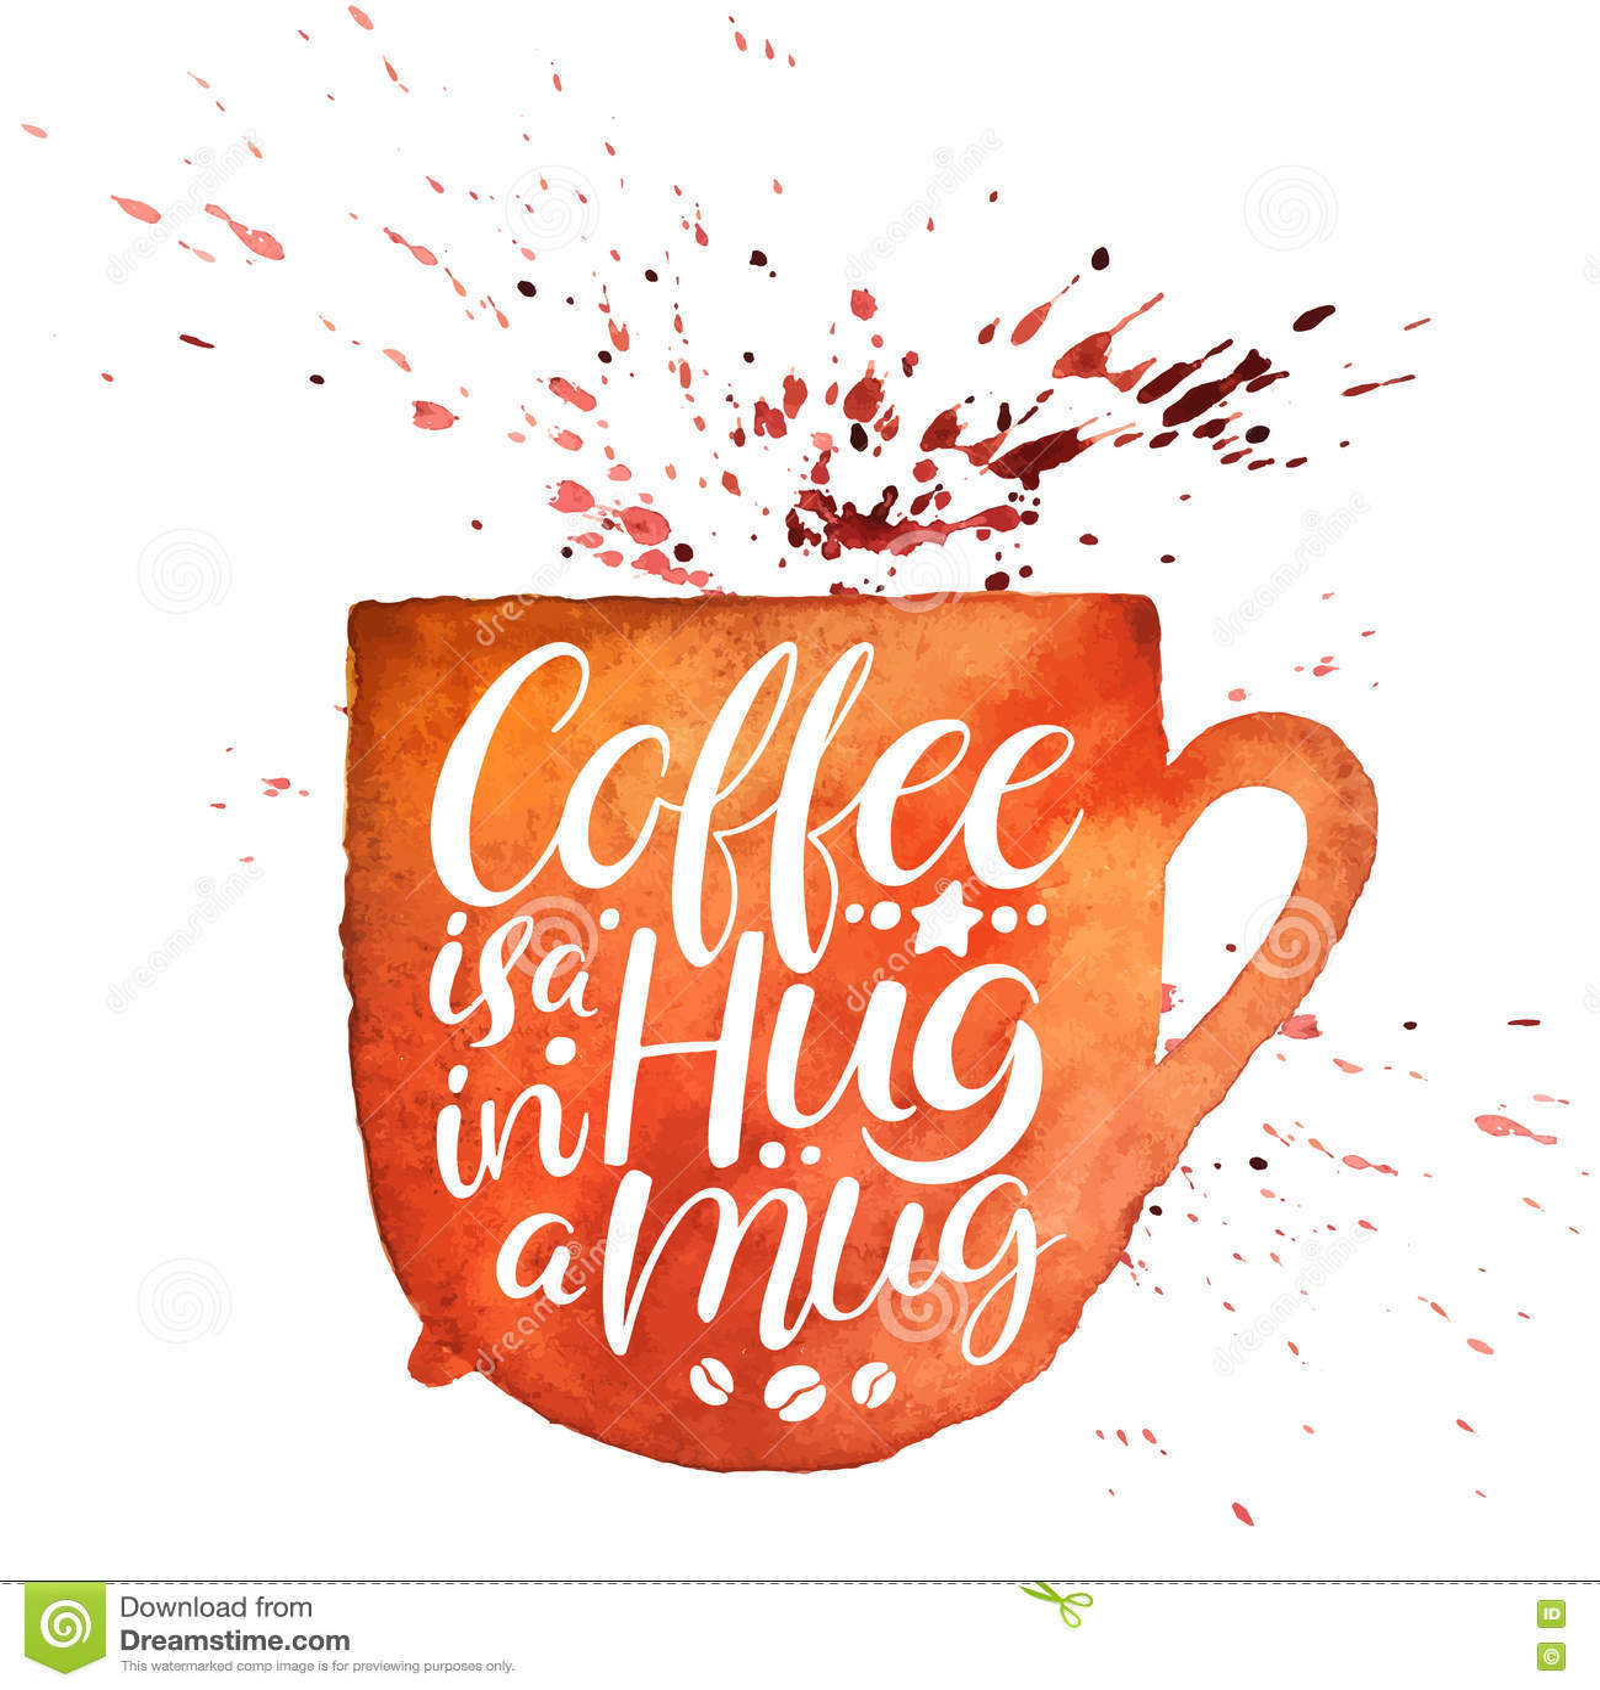 Il caffè è un abbraccio in una tazza